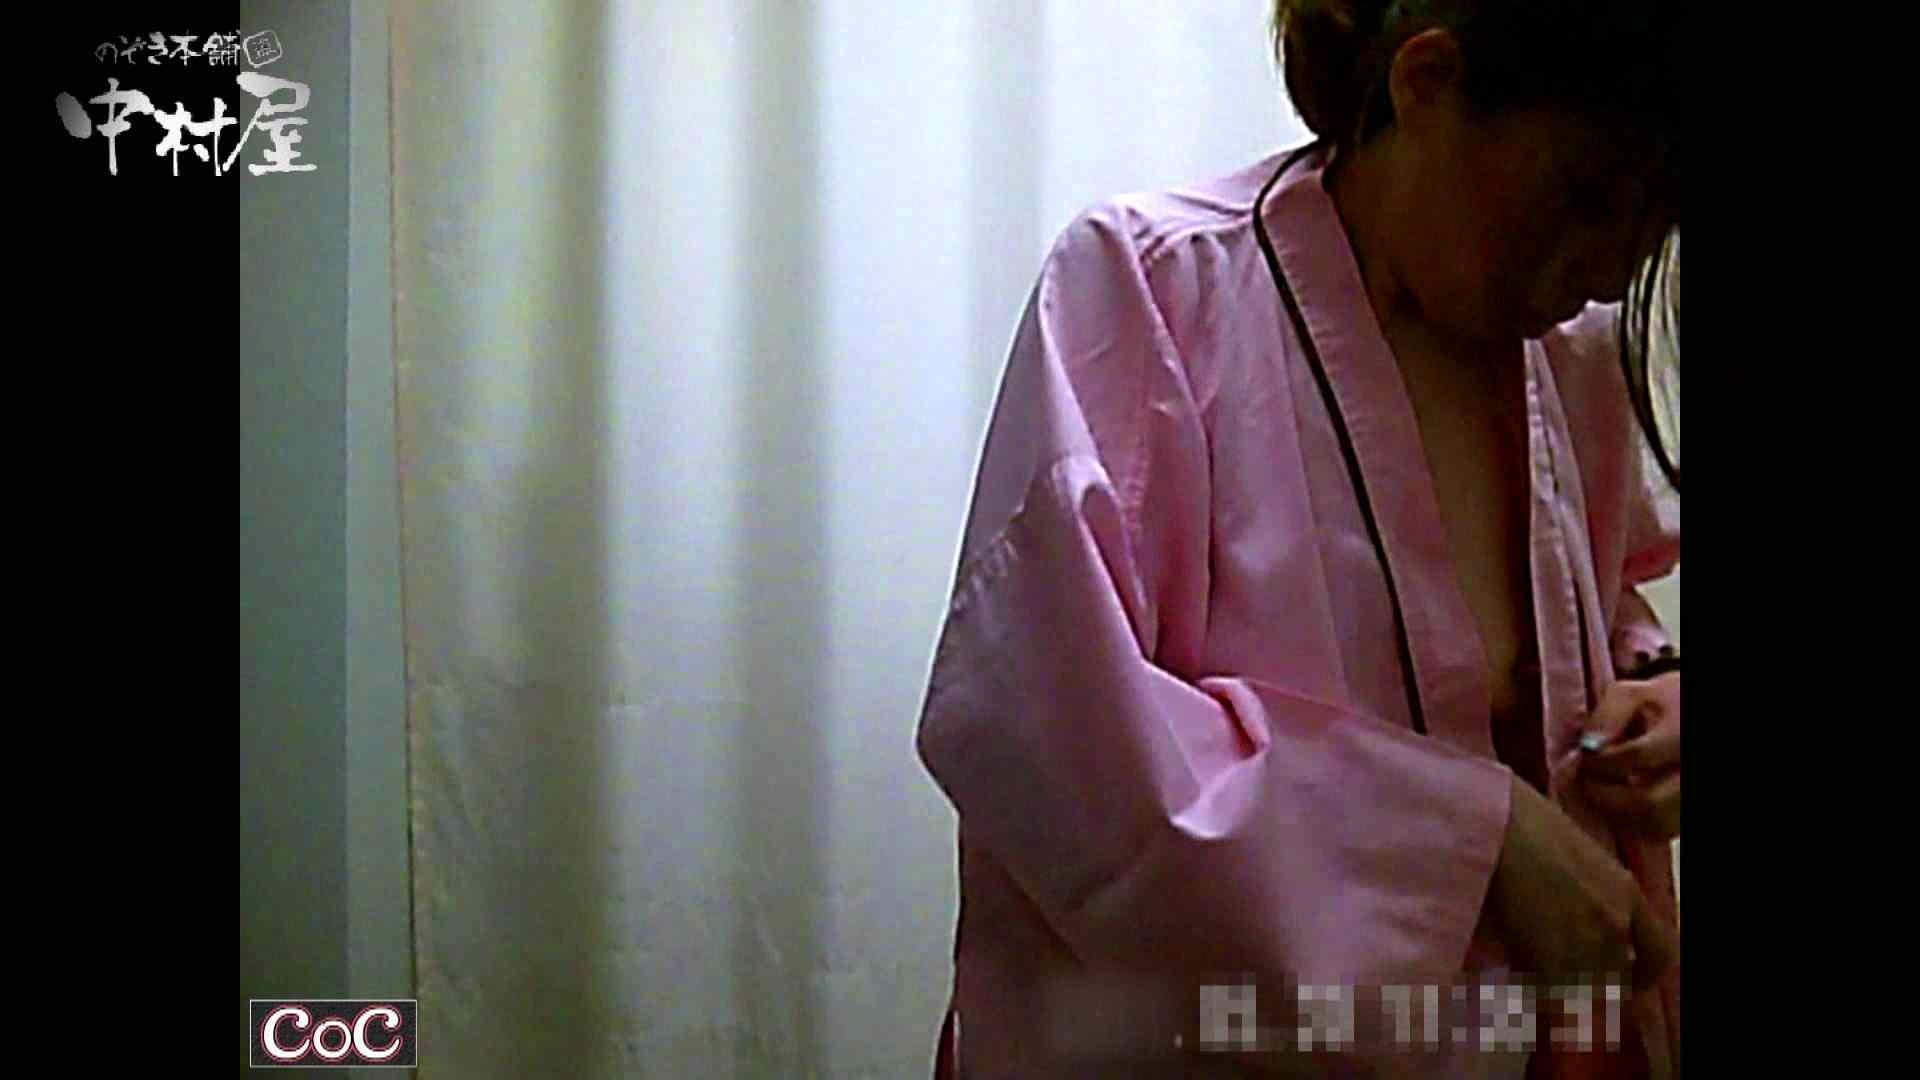 激ヤバ健康診断!着替えの一部始終.vol.01 ※本編ボカシ・目線無し 盗撮シリーズ AV動画キャプチャ 98PIX 52